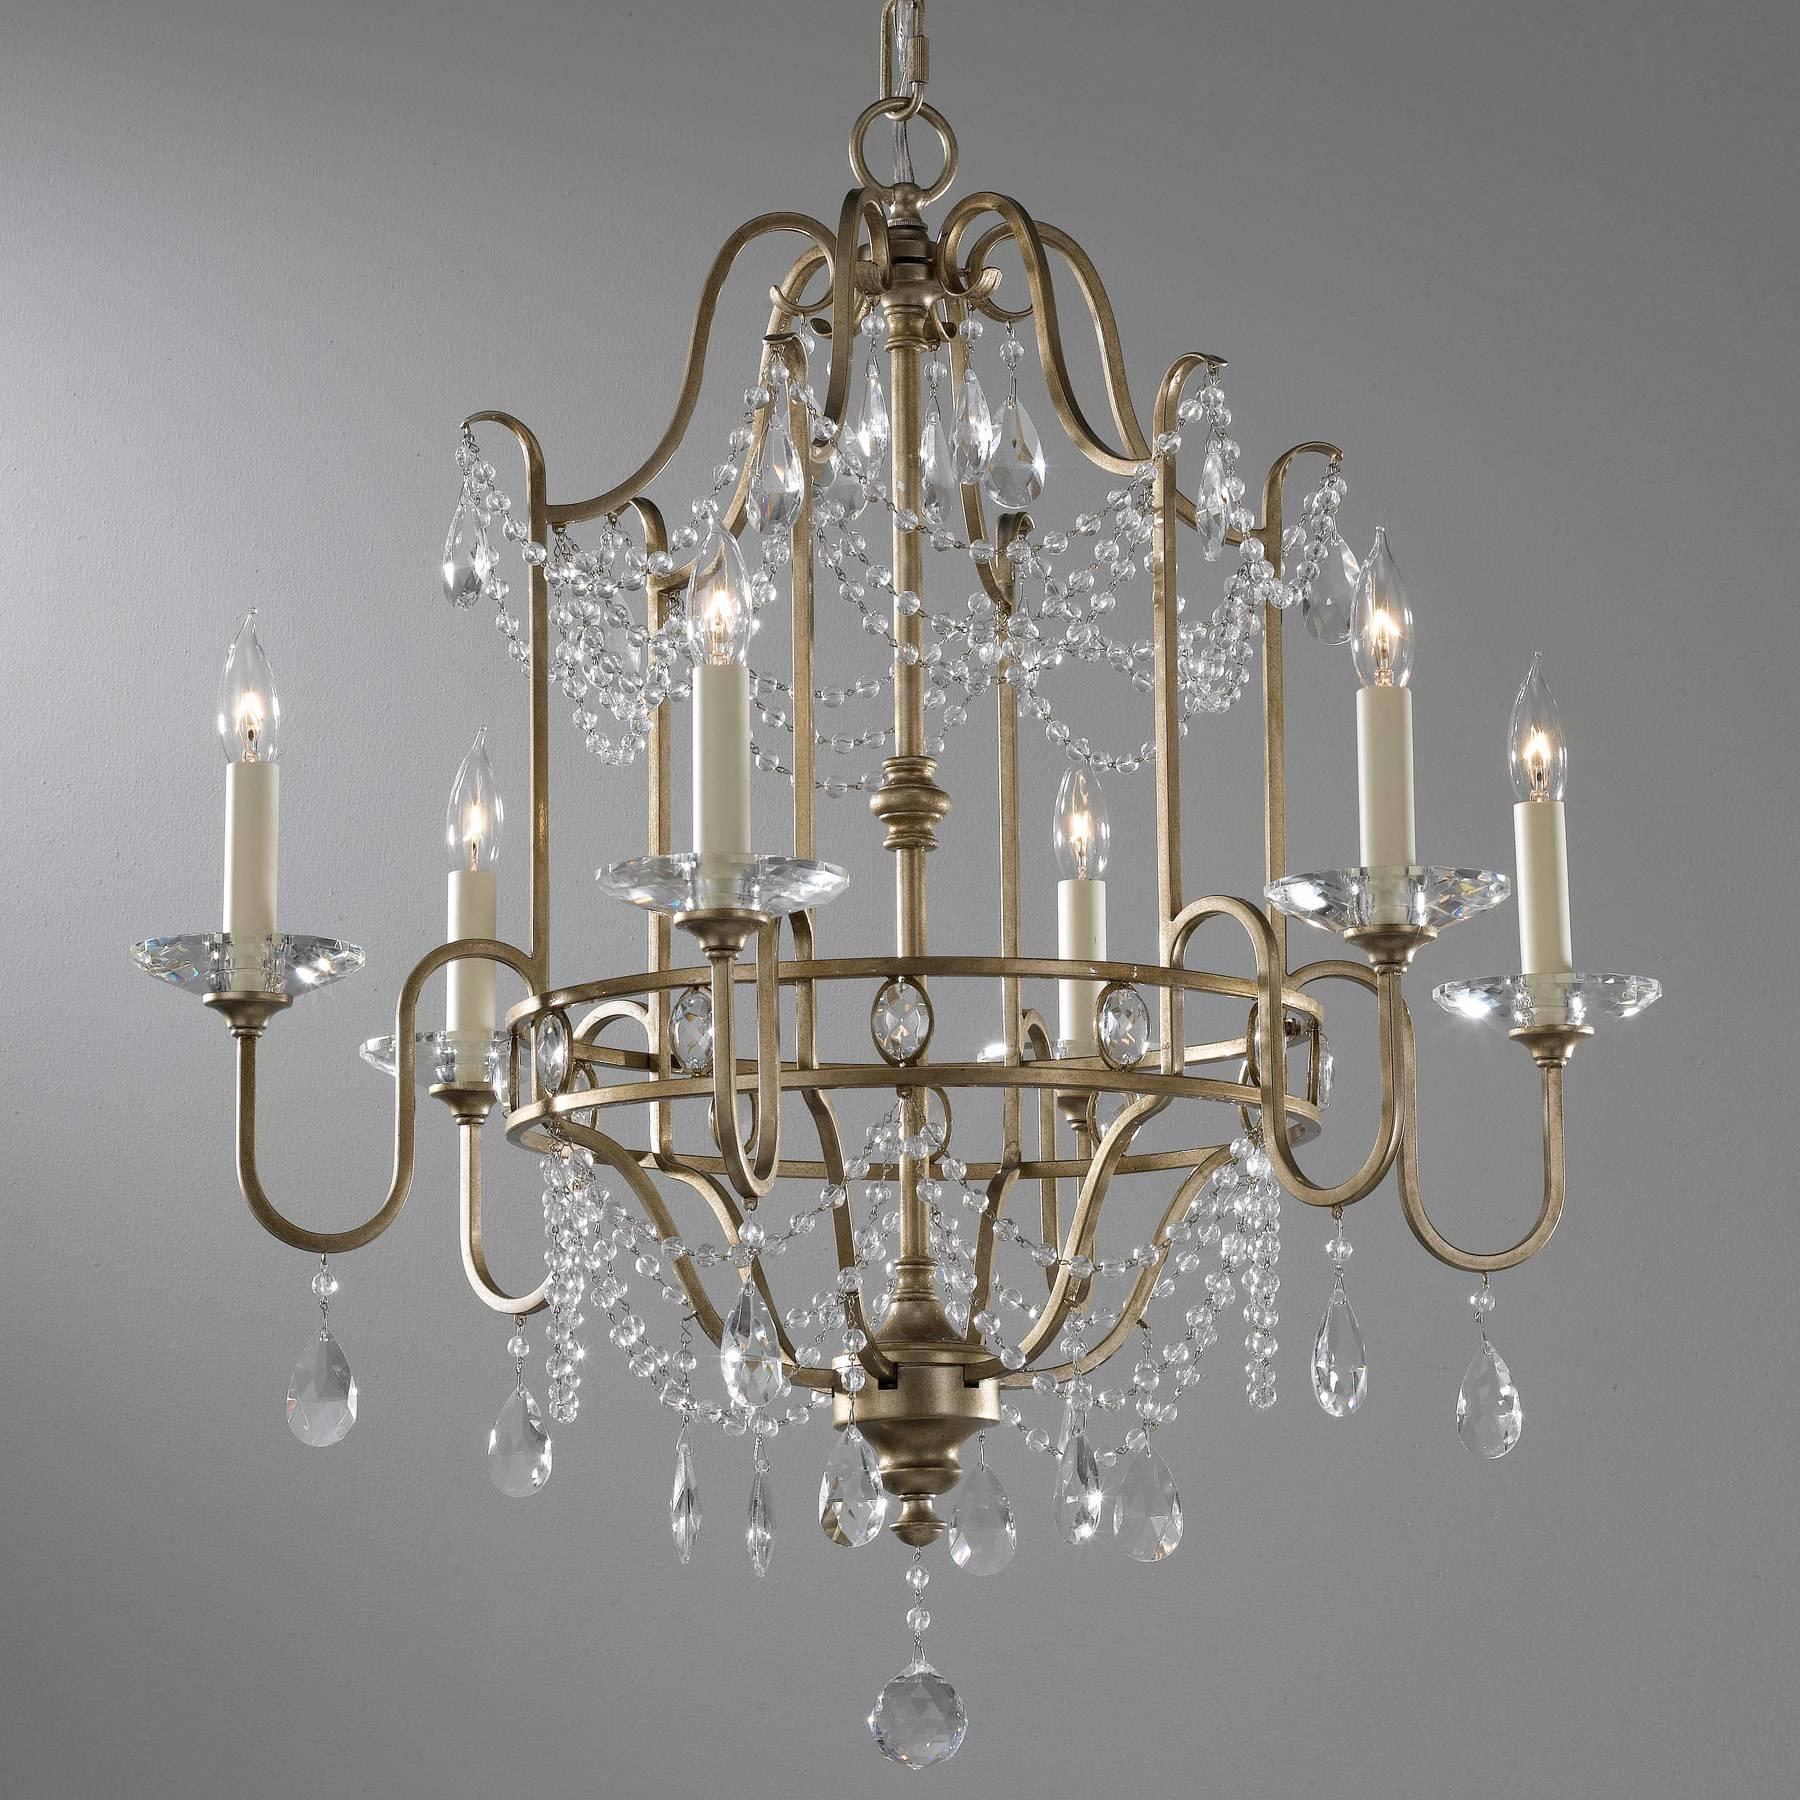 Lampa wisząca 6 płomienna Gianna, Feiss